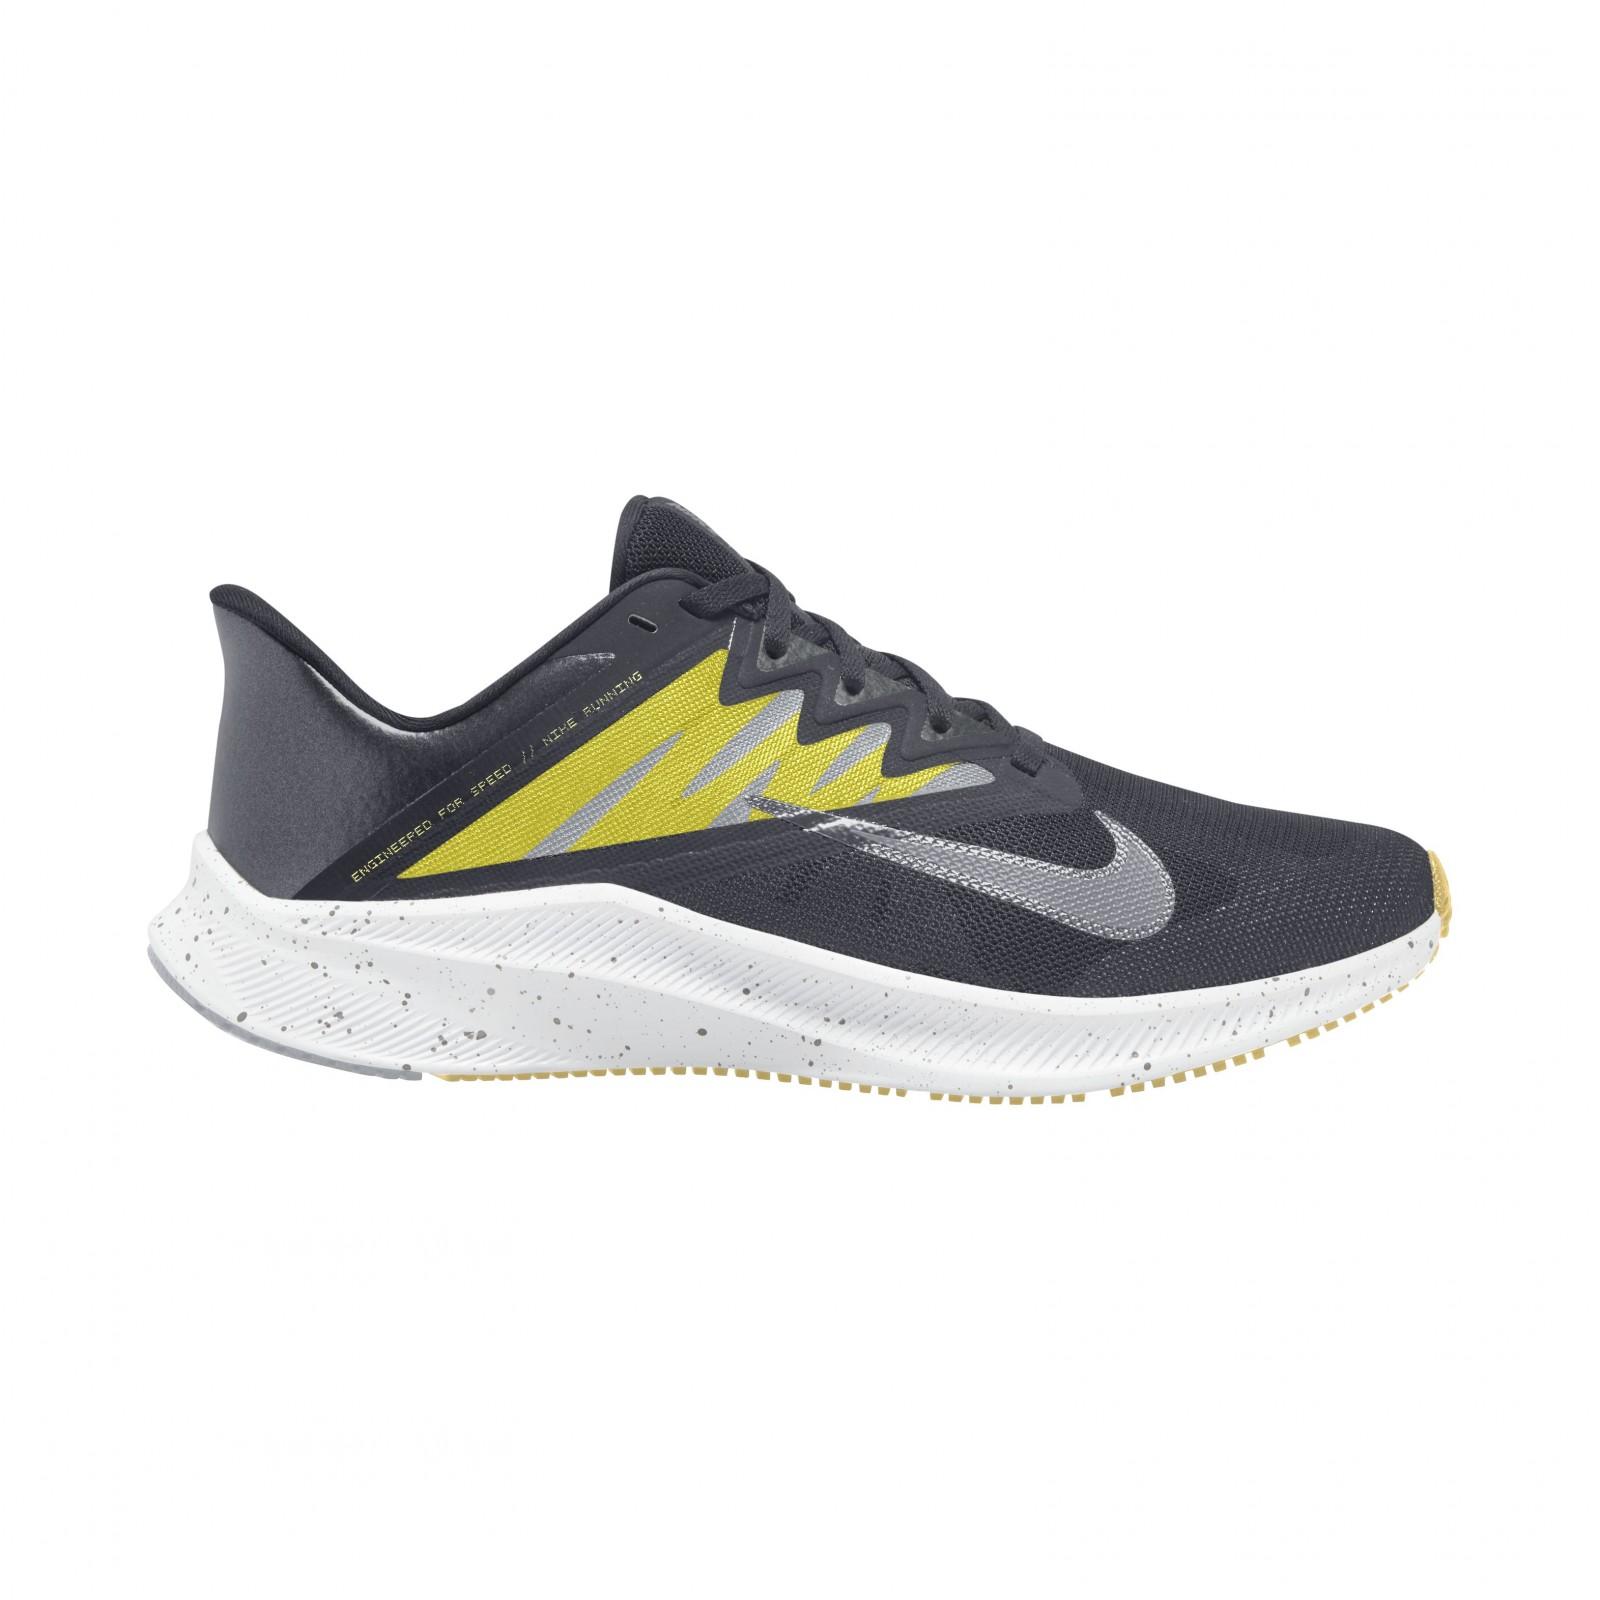 Nike Quest 3 Premium DK SMOKE GREY/WOLF GREY-HIGH VOLTAGE